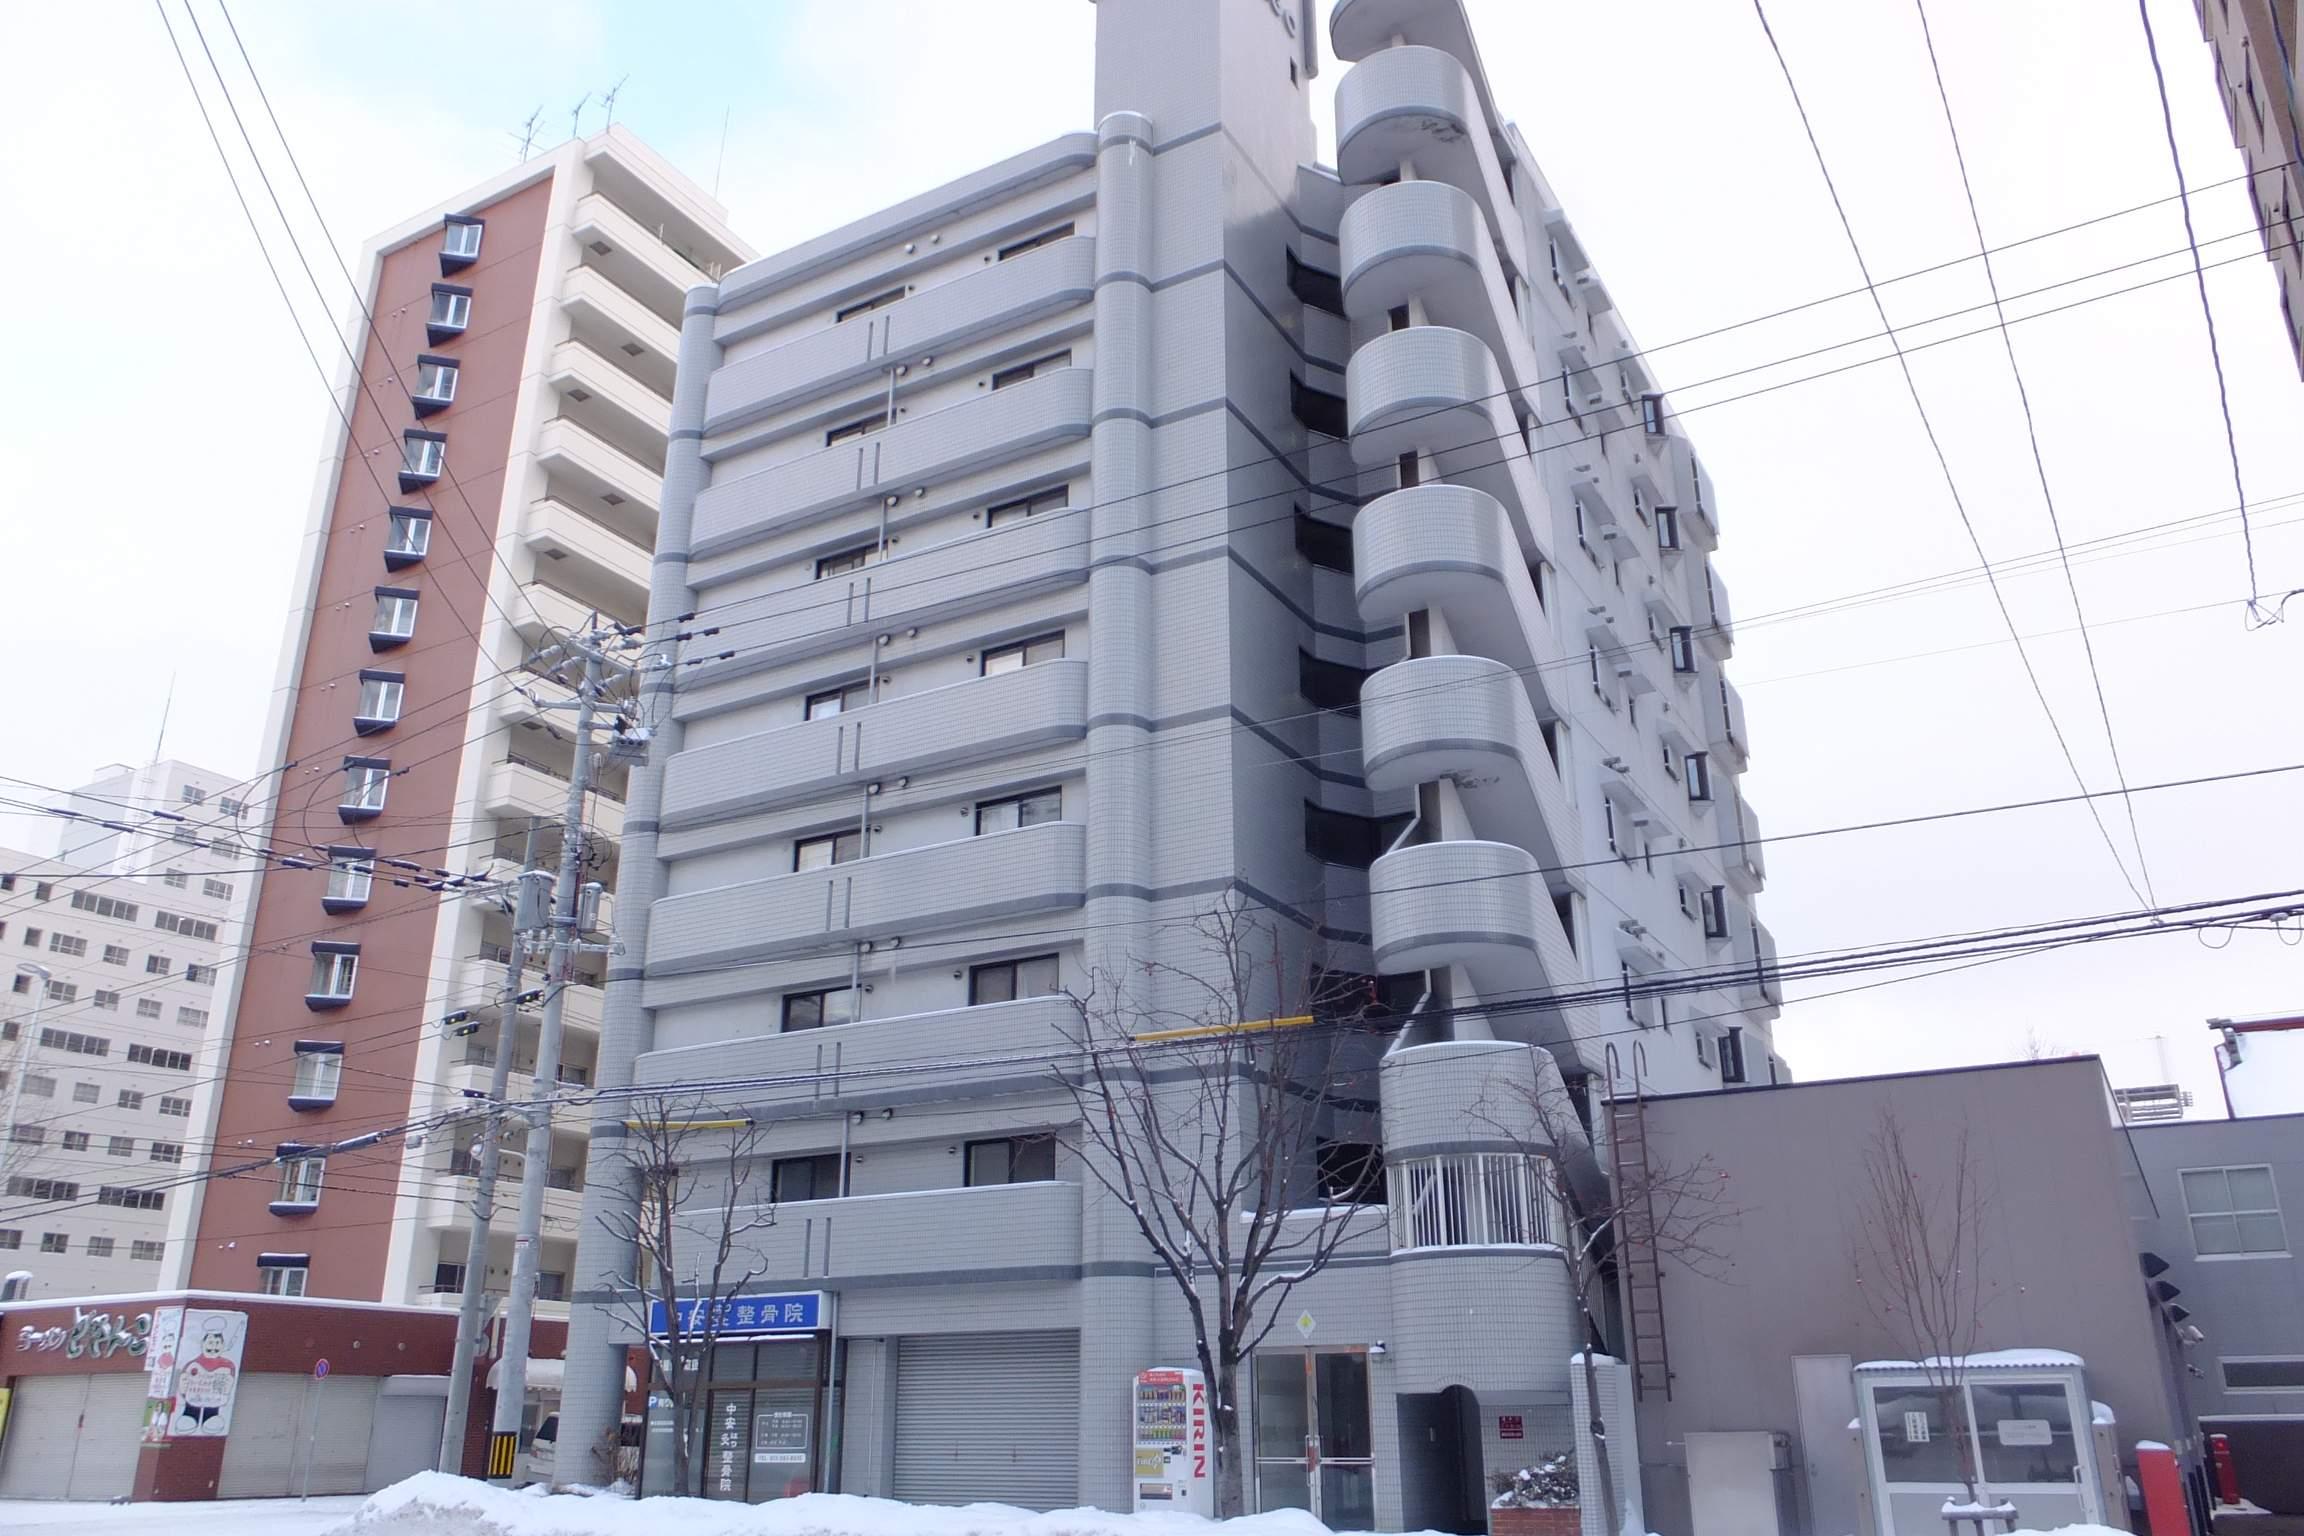 北海道札幌市中央区、バスセンター前駅徒歩3分の築27年 8階建の賃貸マンション